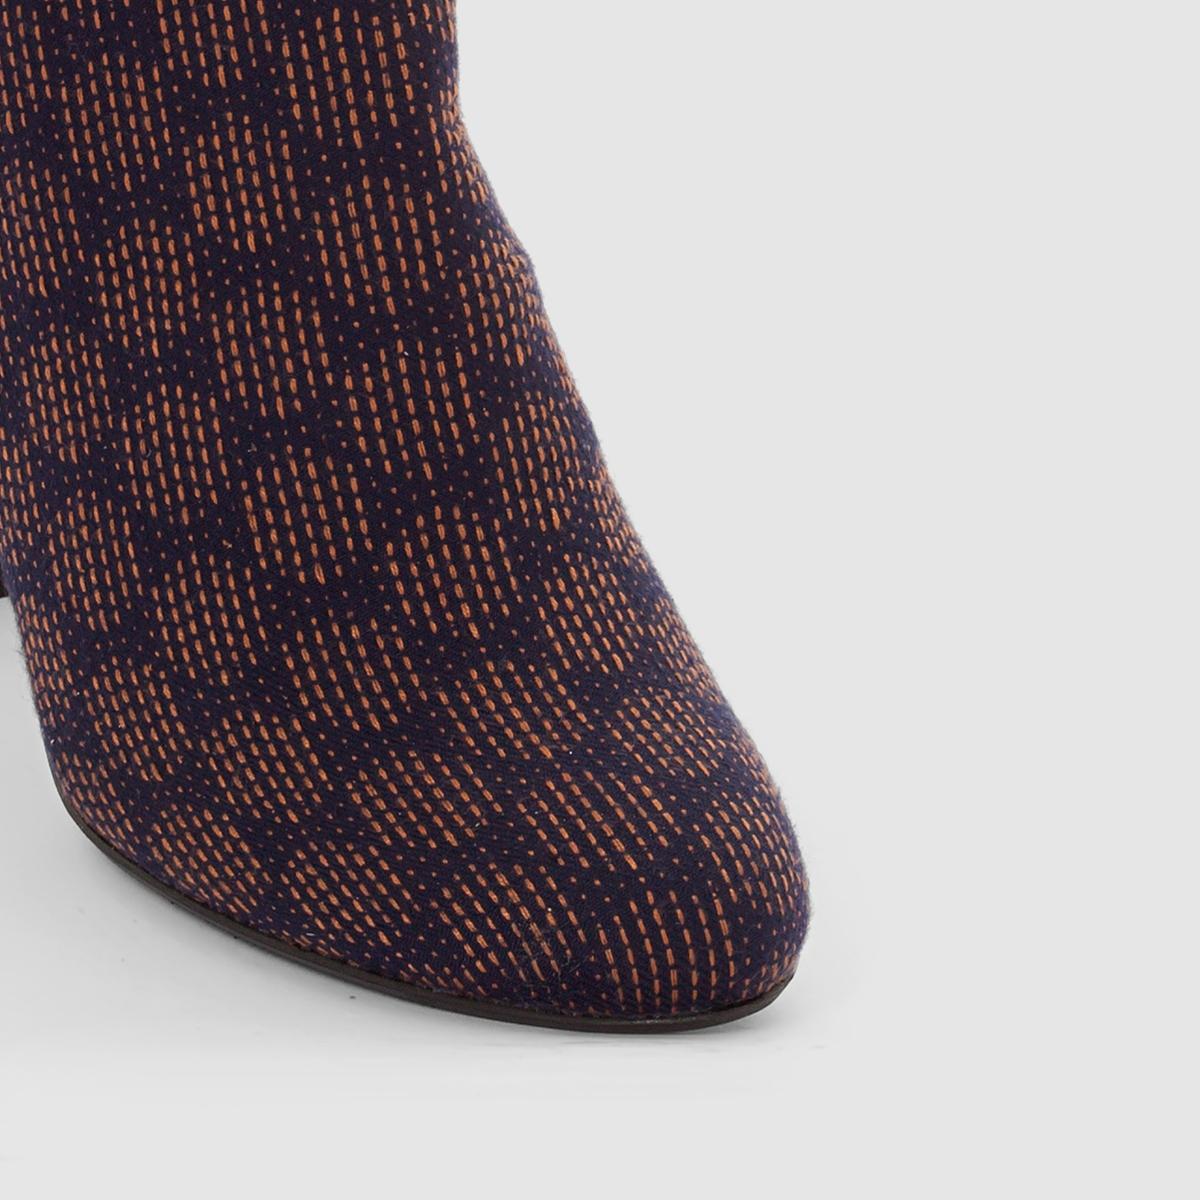 Ботильоны с рисунком на каблукеМарка : Mademoiselle R. ВерхВерх : текстильПодкладка : текстильСтелька : кожа.Подошва : из эластомера.Высота каблука : 9 см.Форма каблука: широкая Носок: круглый Застежка : на молнии сбоку<br><br>Цвет: рисунок темно-синий<br>Размер: 37.36